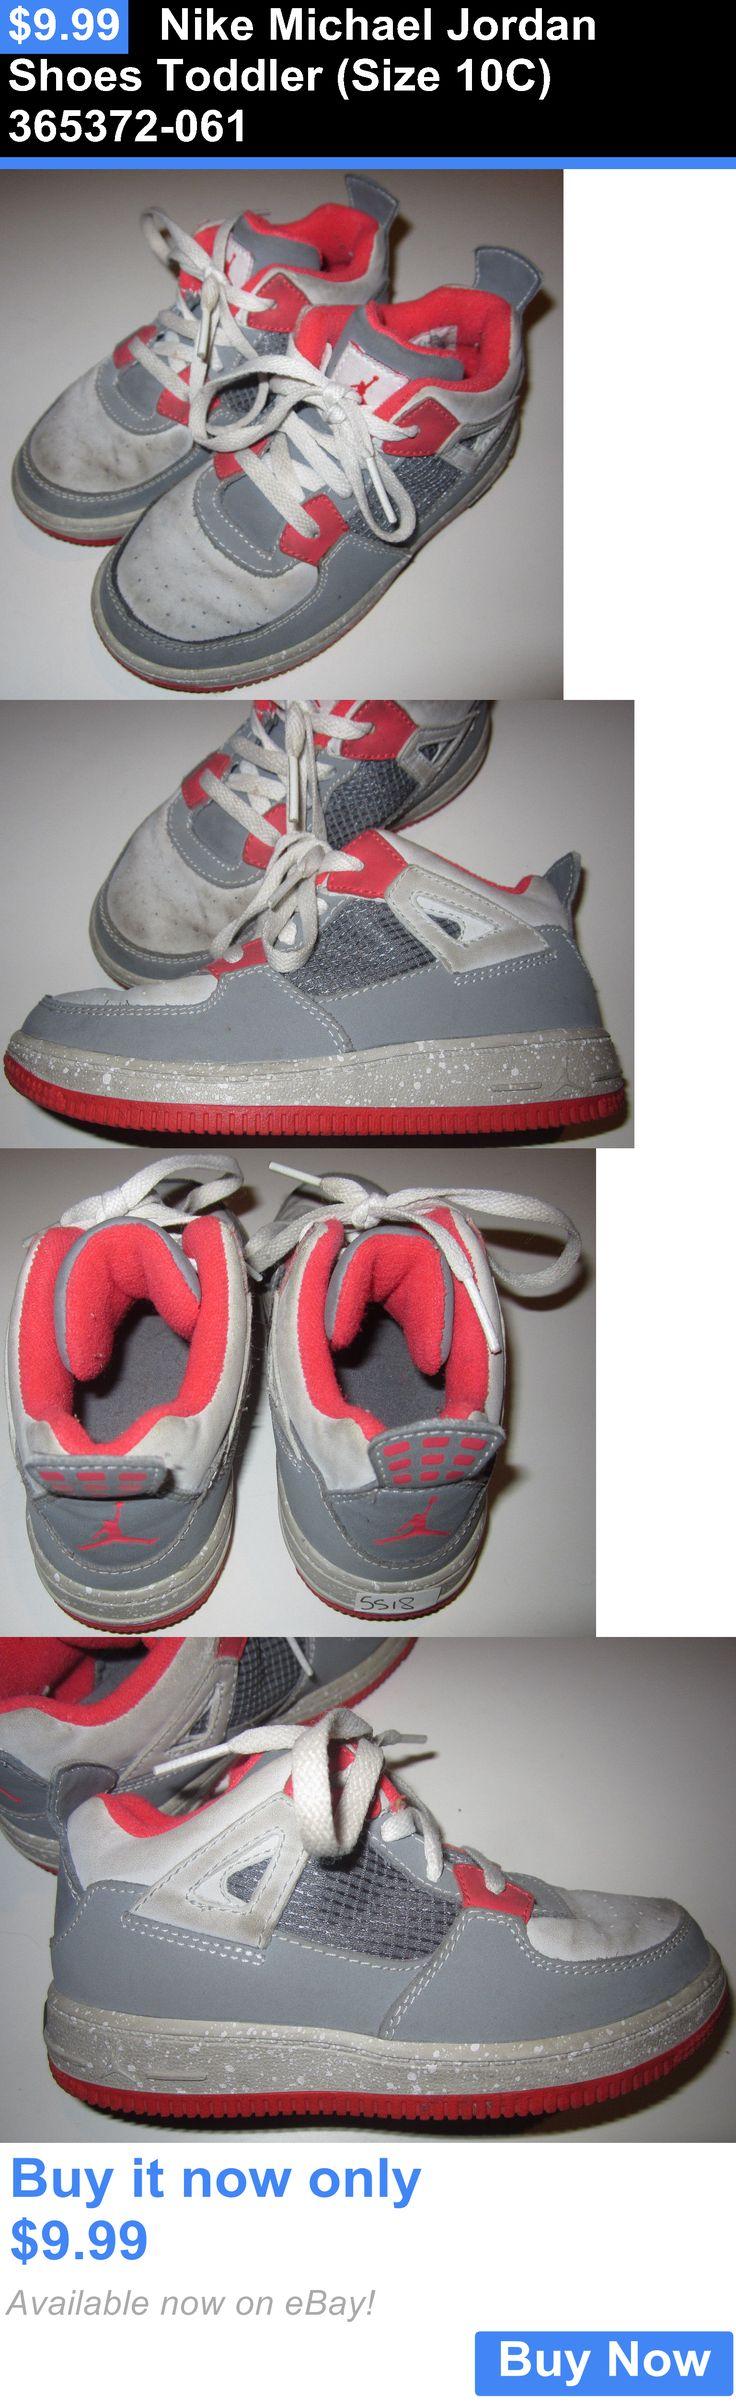 Michael Jordan Baby Clothing: Nike Michael Jordan Shoes Toddler (Size 10C) 365372-061 BUY IT NOW ONLY: $9.99